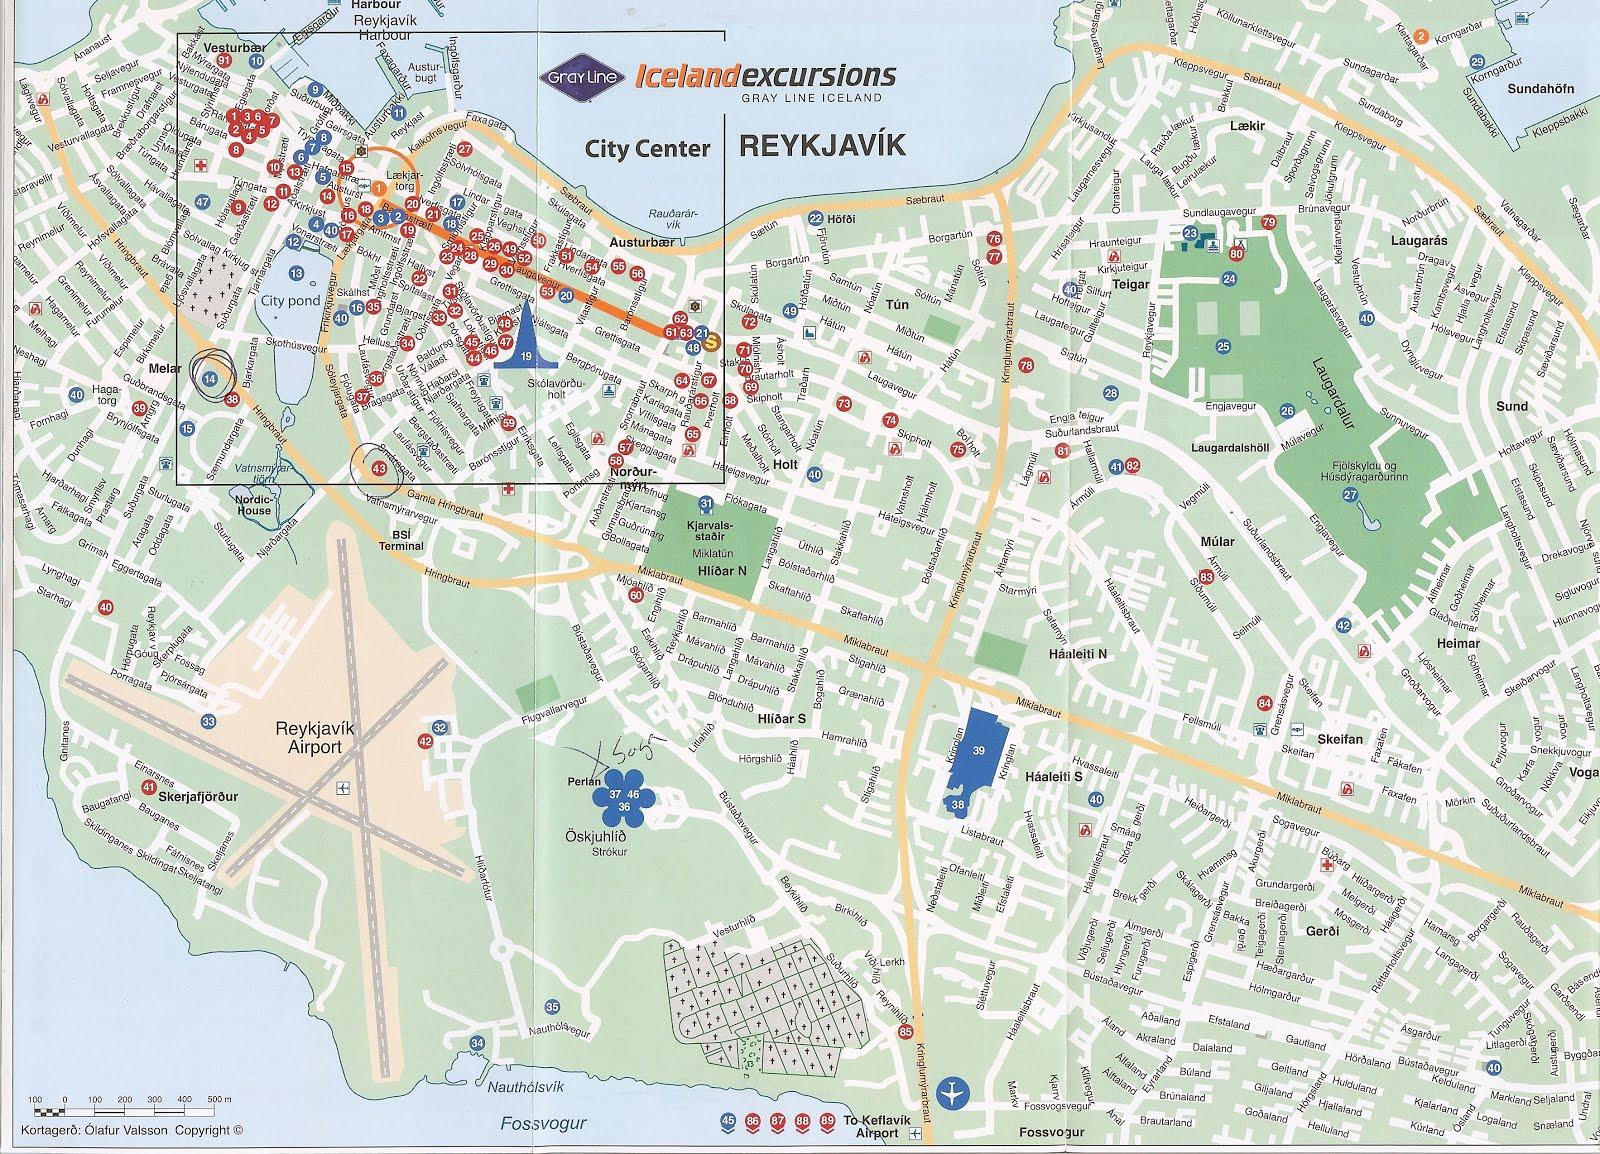 reykjavik city centre map pdf